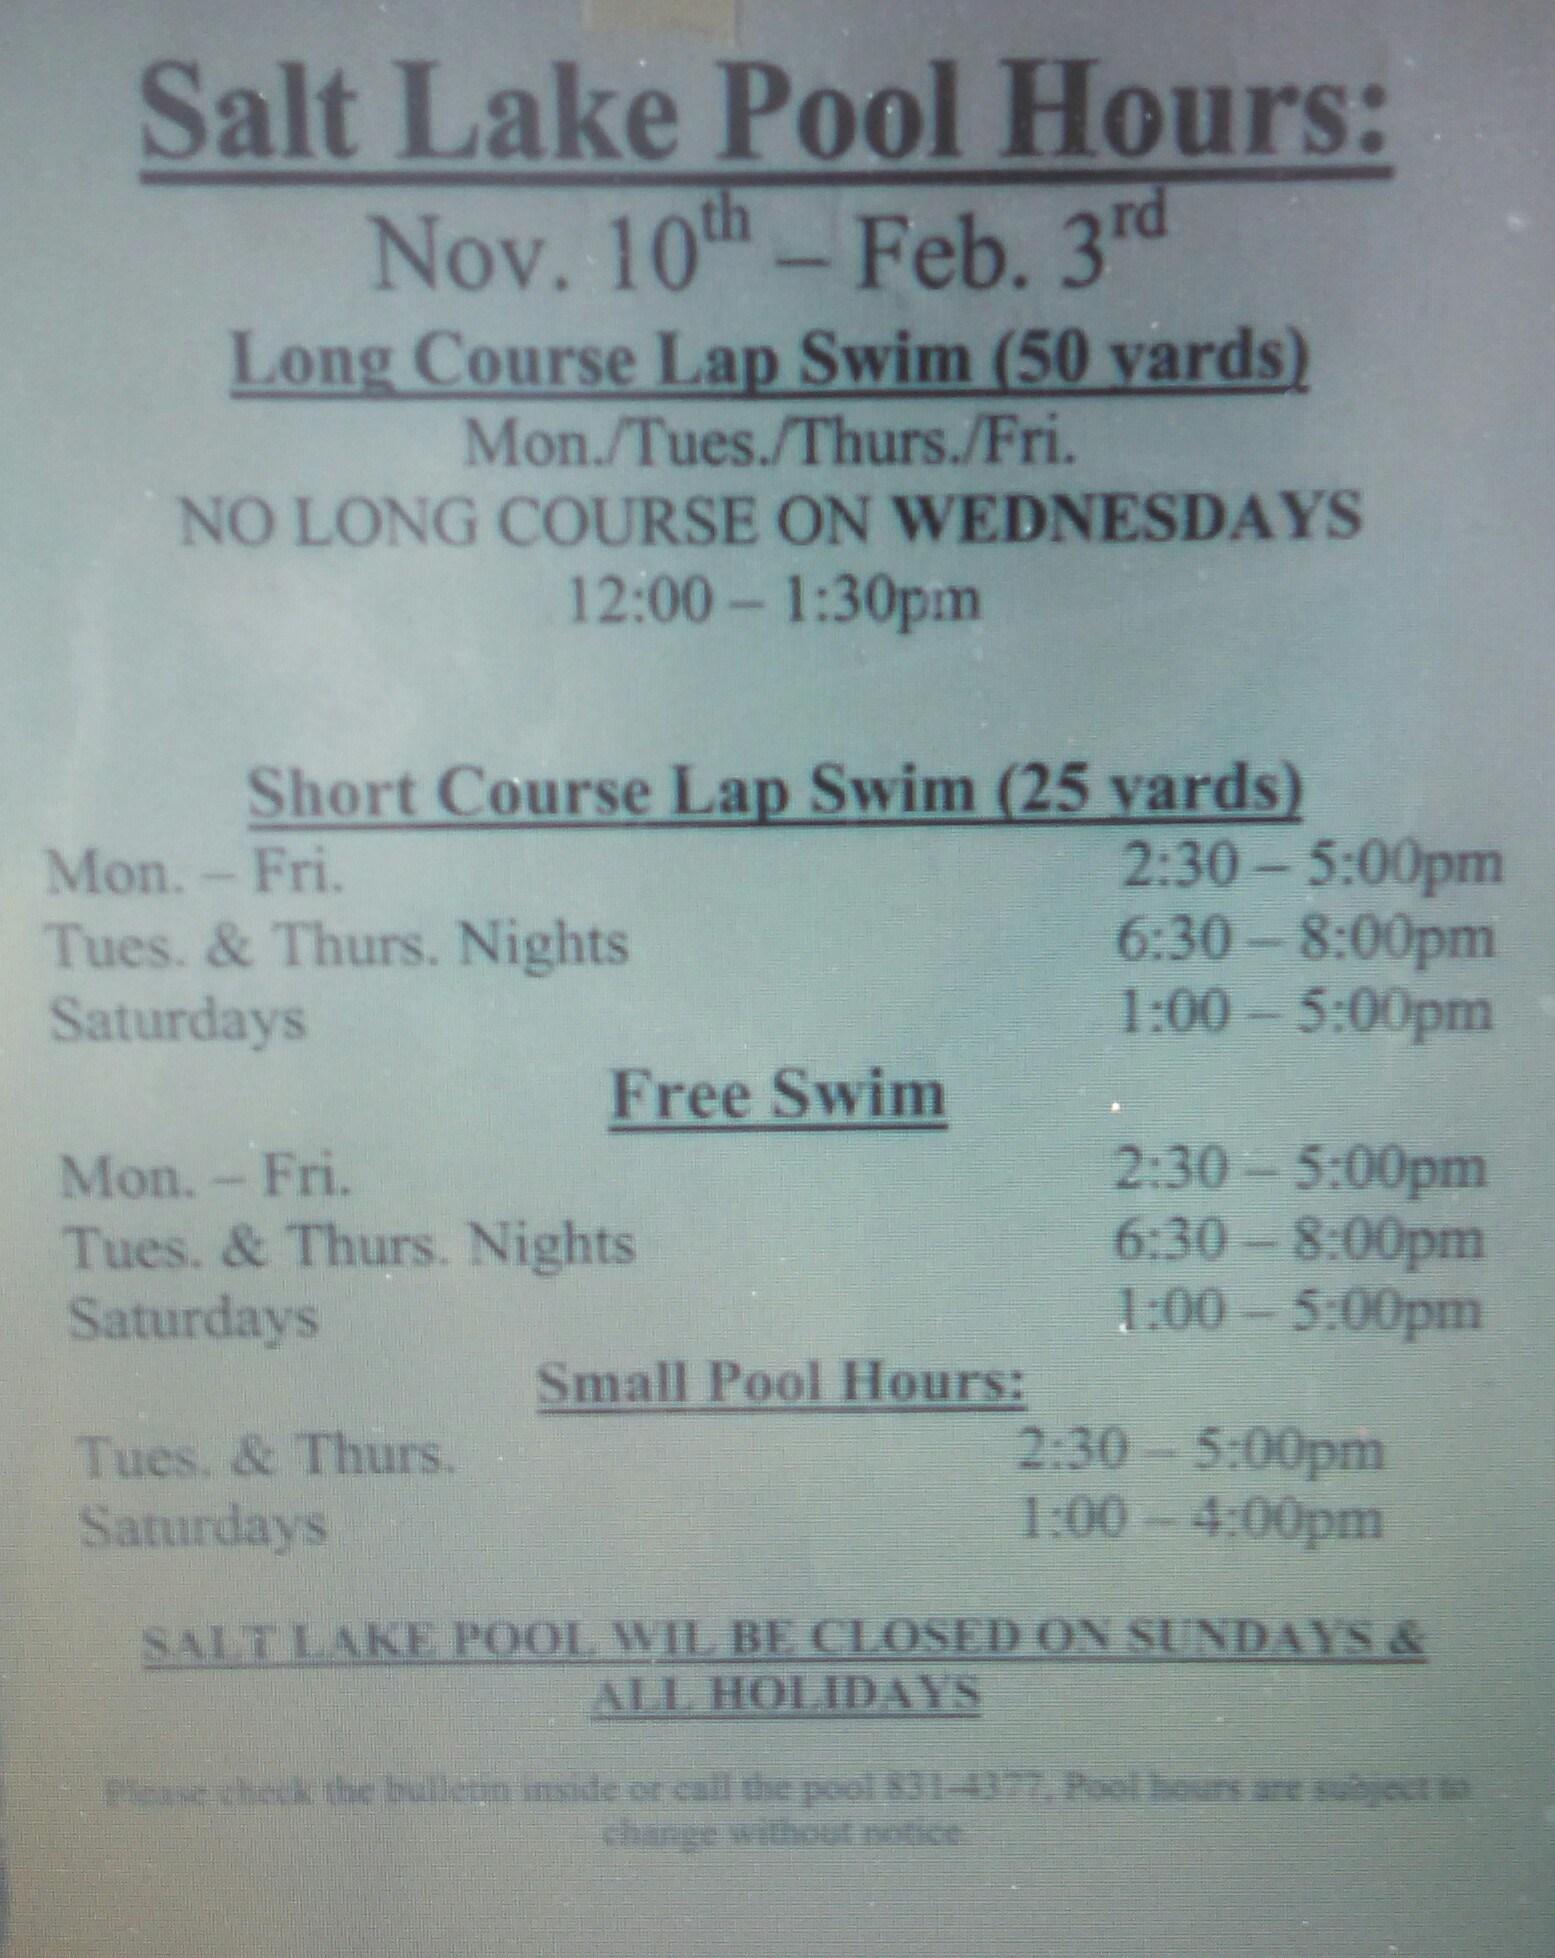 SLDP Pool